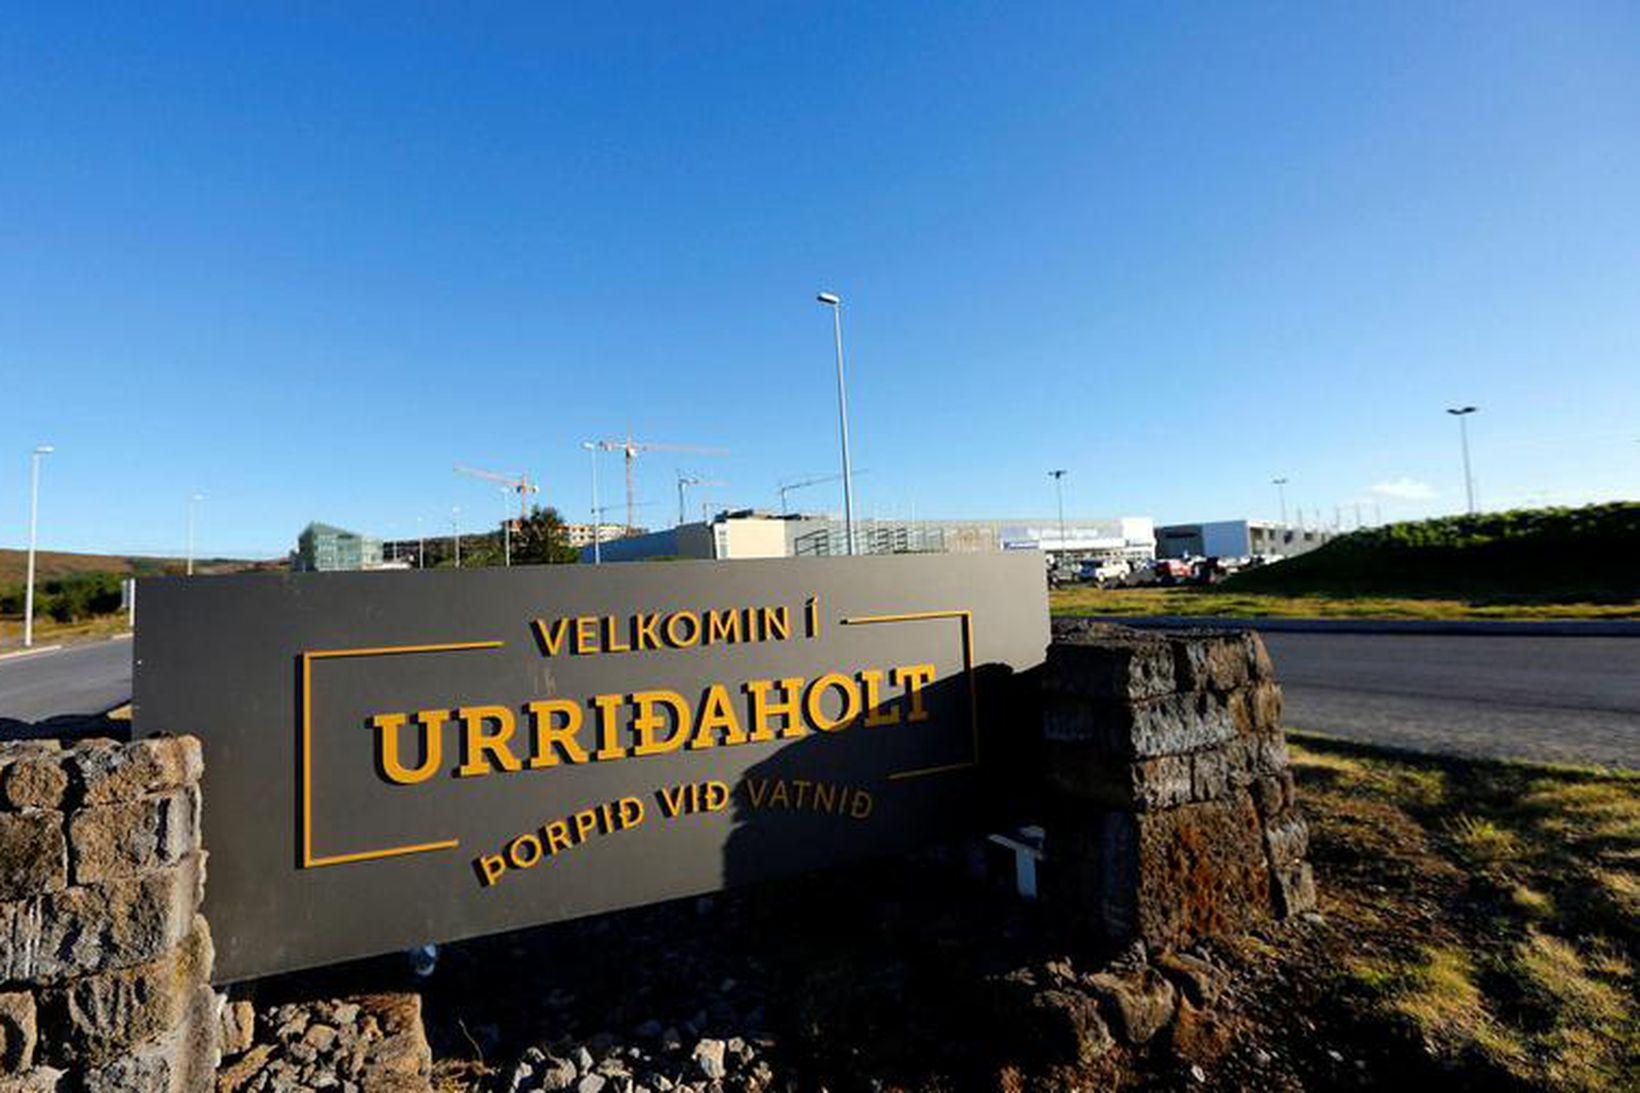 Byggðar verða íbúðir í Urriðaholti frá 25 fermetrum og upp …